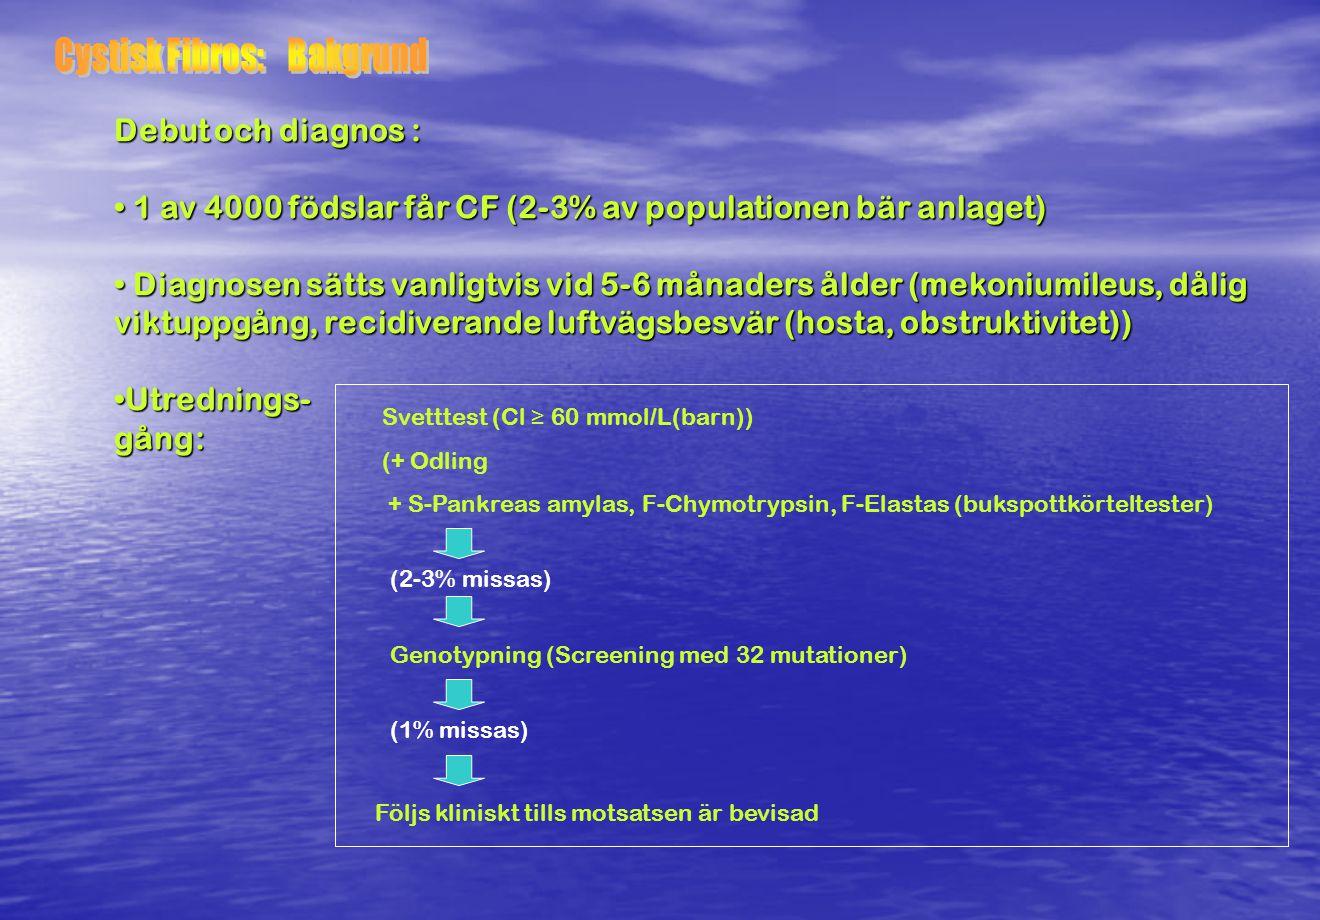 Debut och diagnos : 1 av 4000 födslar får CF (2-3% av populationen bär anlaget) 1 av 4000 födslar får CF (2-3% av populationen bär anlaget) Diagnosen